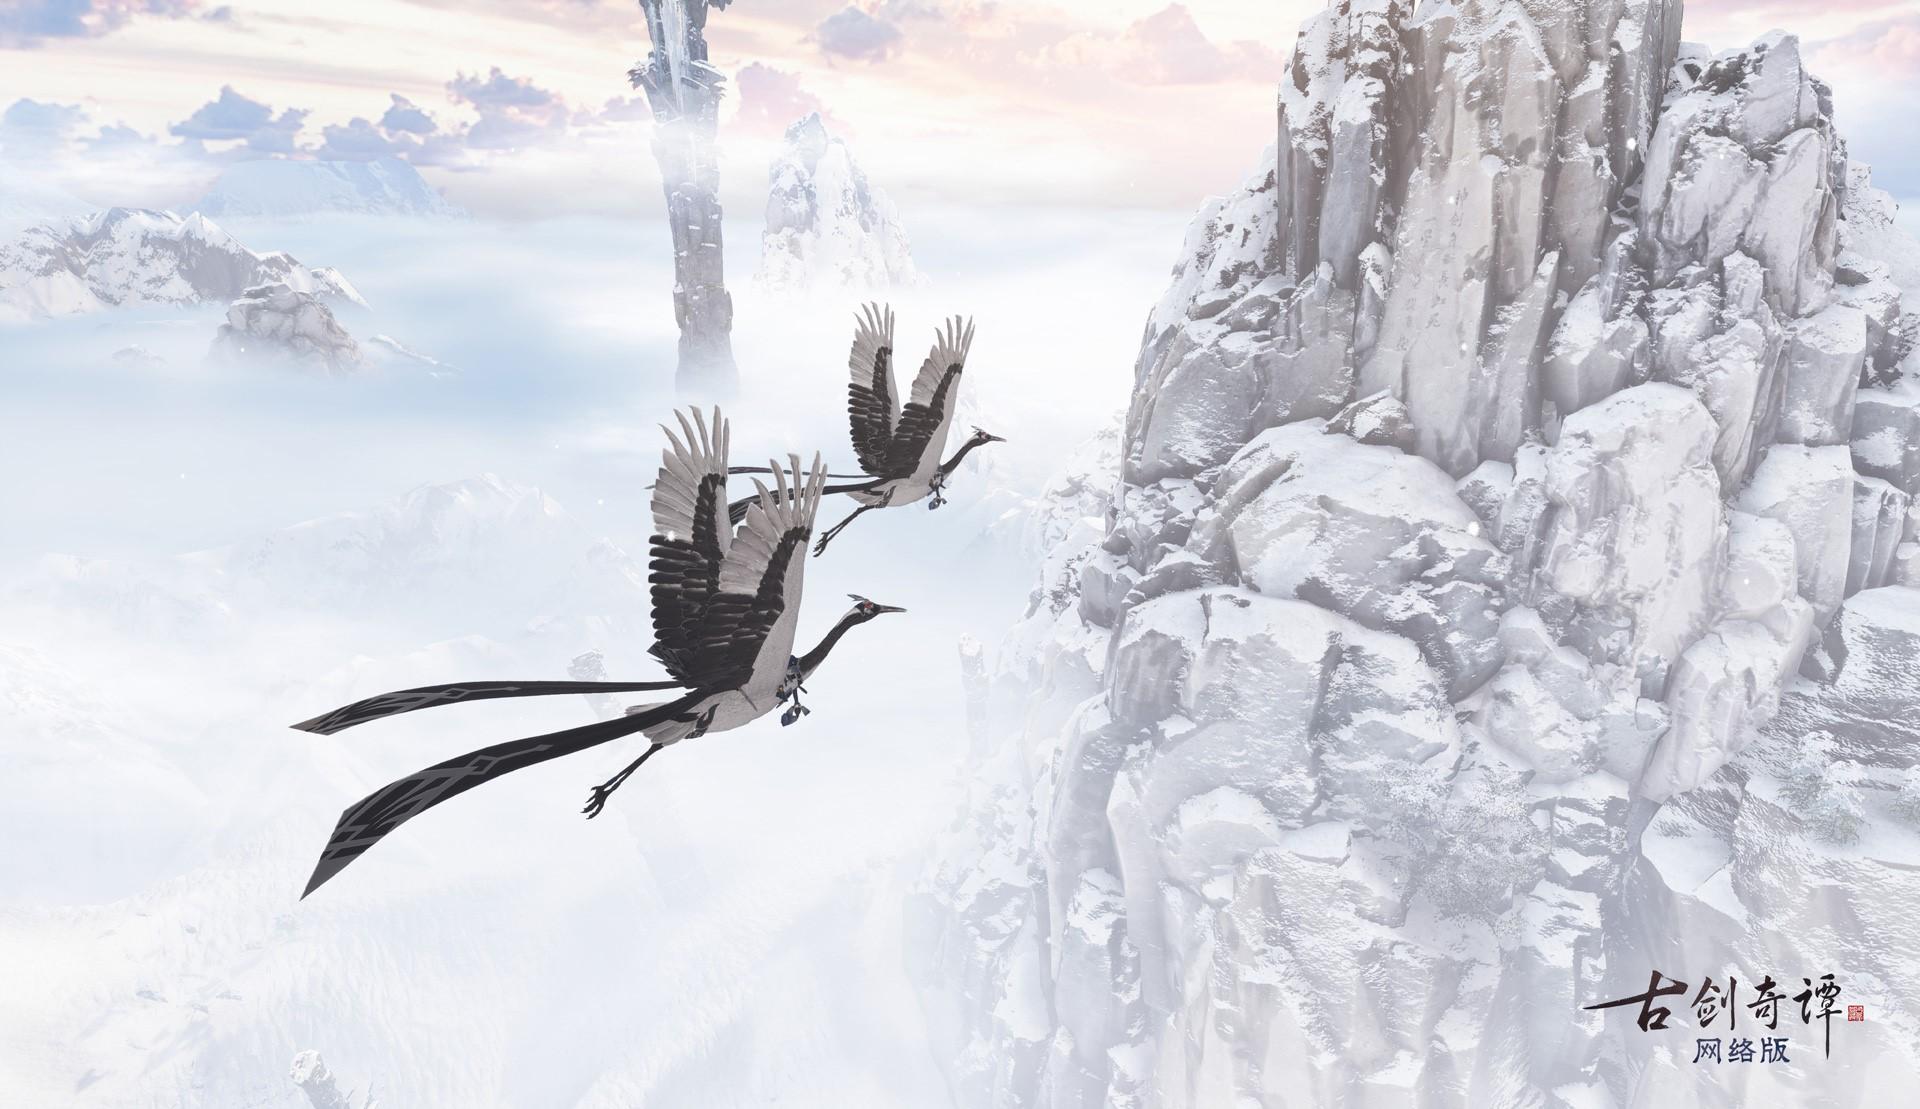 《古剑奇谭网络版》7月11日开启公测,这些事情你可能还不清楚?